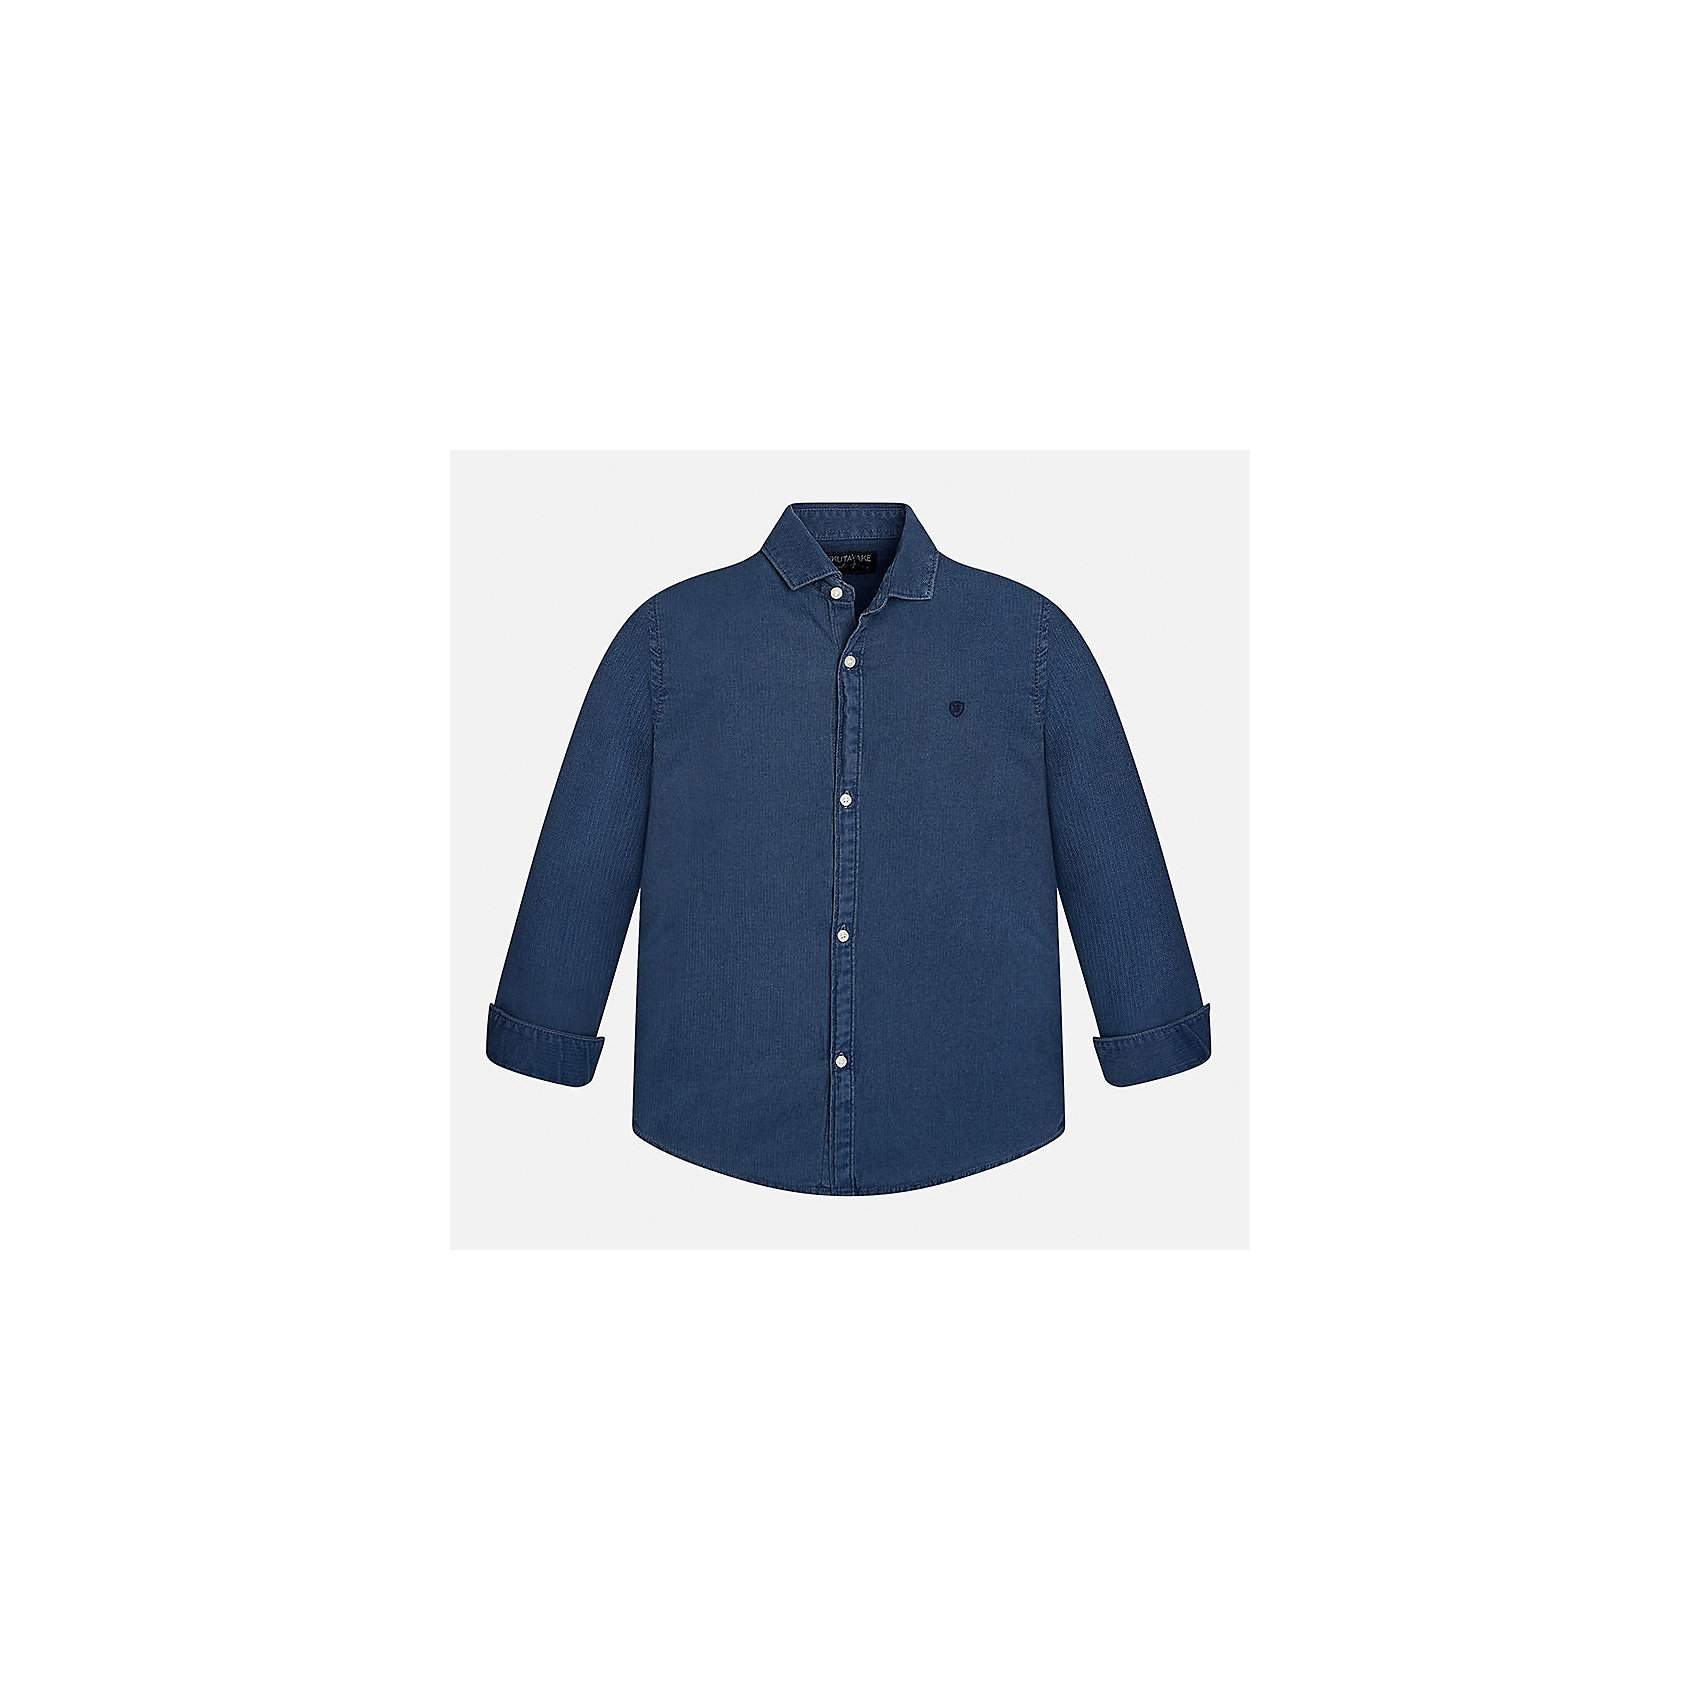 Рубашка Mayoral для мальчикаБлузки и рубашки<br>Характеристики товара:<br><br>• цвет: синий<br>• состав ткани: 100% хлопок<br>• сезон: демисезон<br>• особенности модели: школьная<br>• застежка: пуговицы<br>• длинные рукава<br>• страна бренда: Испания<br>• страна изготовитель: Индия<br><br>Синяя детская рубашка сделана из дышащего приятного на ощупь материала. Благодаря продуманному крою детской рубашки создаются комфортные условия для тела. Рубашка с длинным рукавом для мальчика отличается стильным продуманным дизайном.<br><br>Рубашку для мальчика Mayoral (Майорал) можно купить в нашем интернет-магазине.<br><br>Ширина мм: 174<br>Глубина мм: 10<br>Высота мм: 169<br>Вес г: 157<br>Цвет: голубой<br>Возраст от месяцев: 156<br>Возраст до месяцев: 168<br>Пол: Мужской<br>Возраст: Детский<br>Размер: 164,170,128/134,140,152,158<br>SKU: 6933570